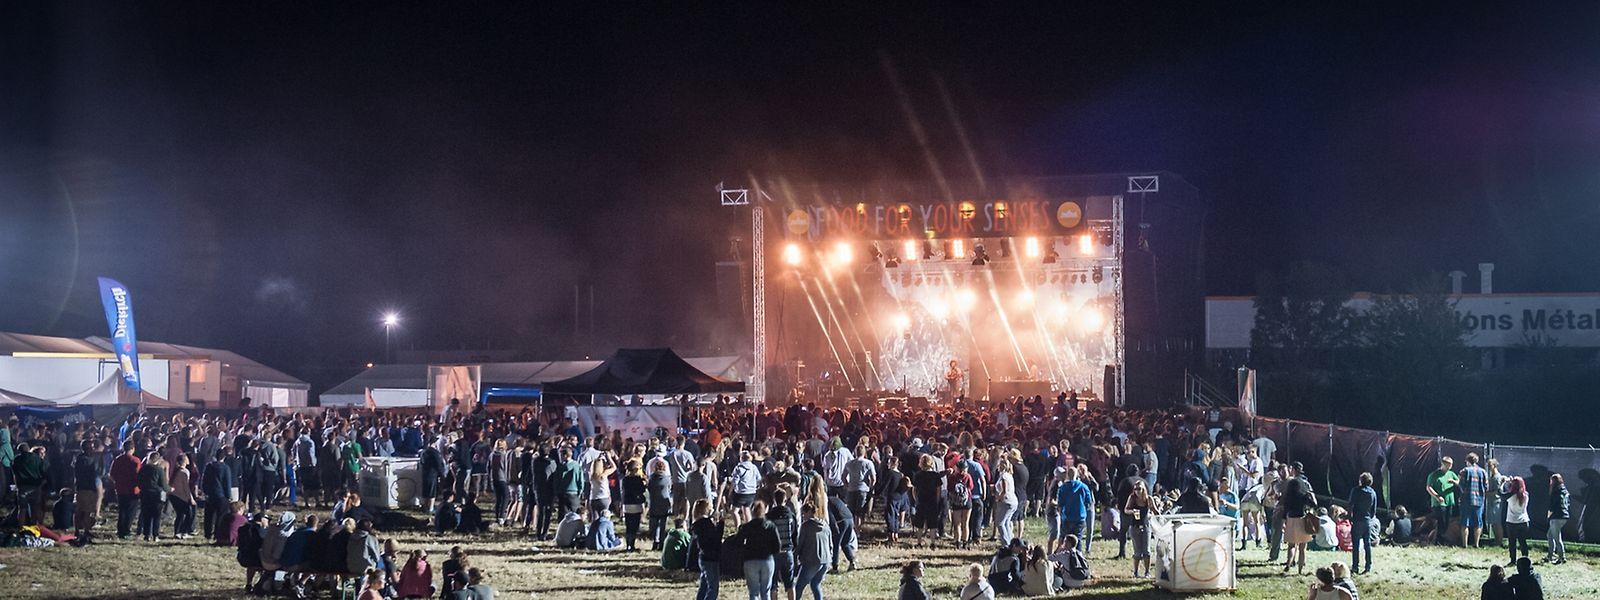 Die zehnte Ausgabe des Festivals wird auf dem Kirchberg stattfinden.